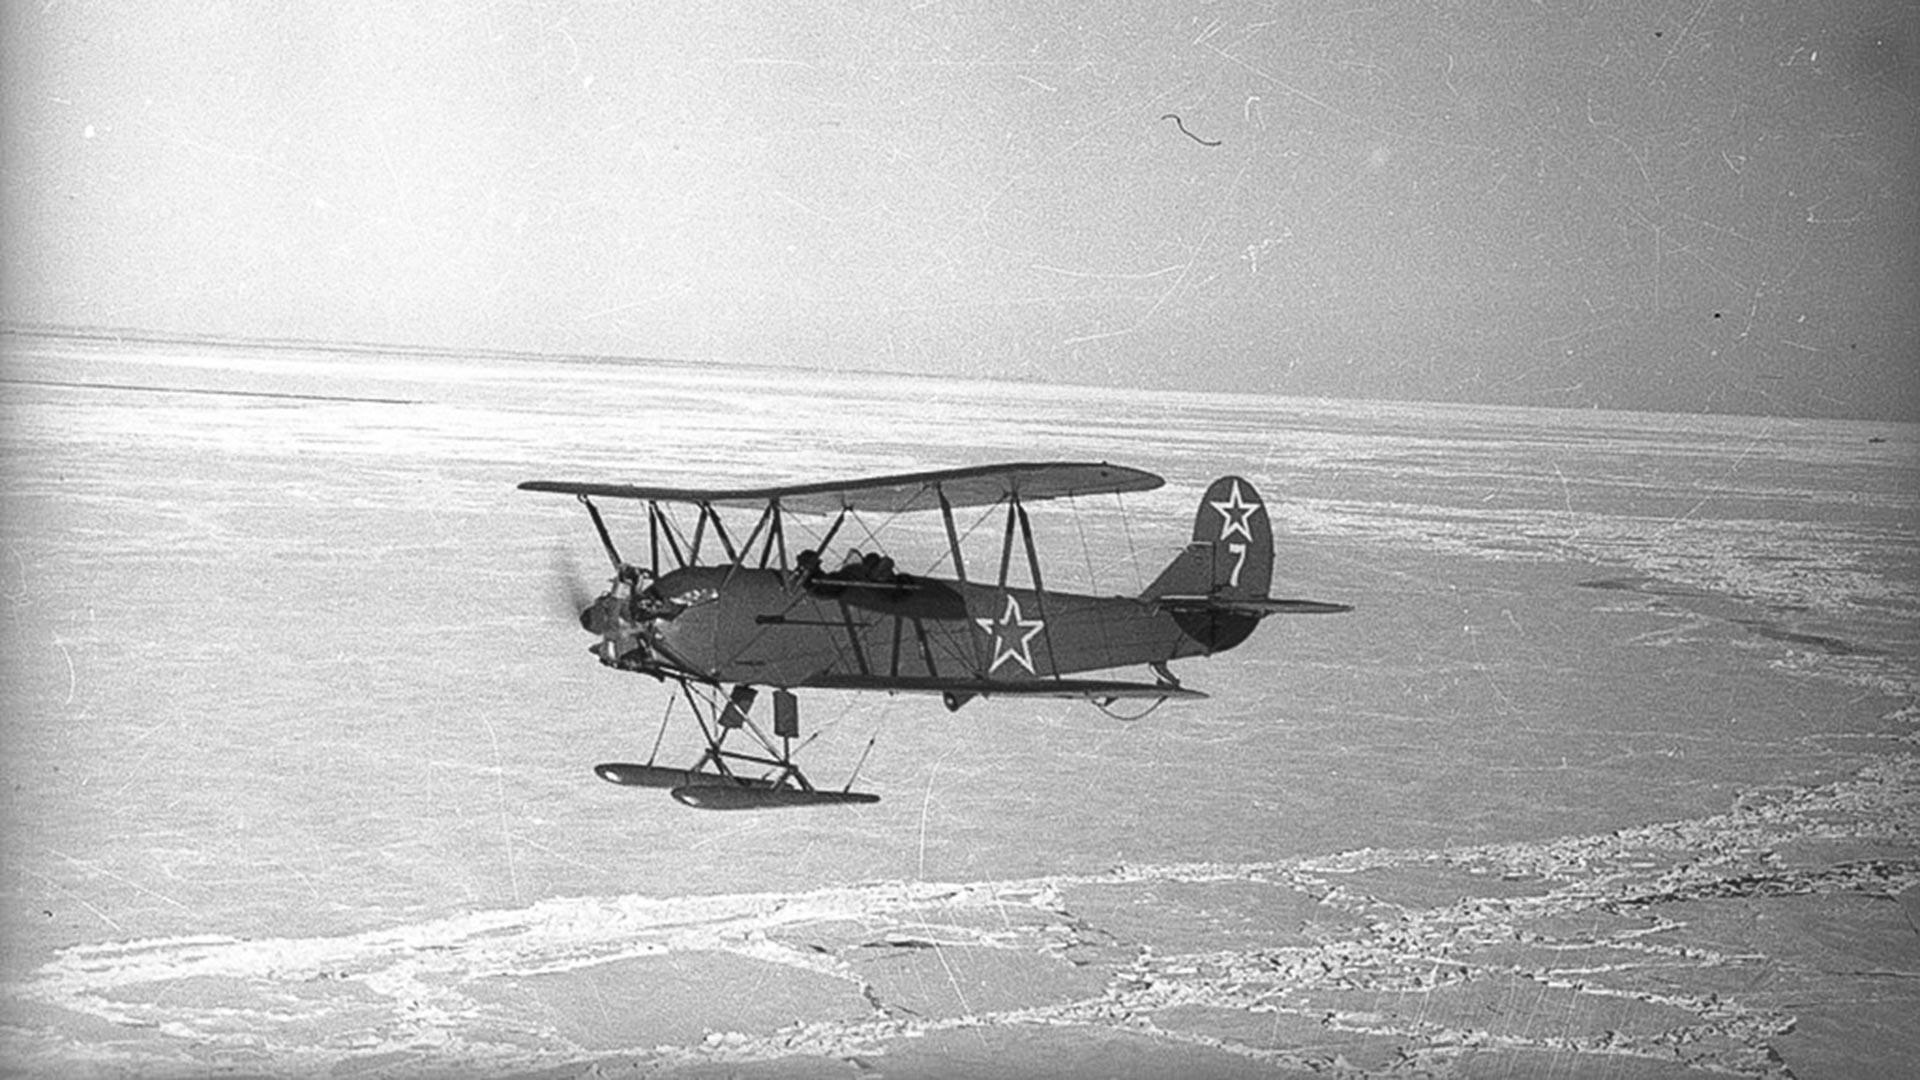 Авионот У-2 бр. 7 ќе собори непријателска ПВО во ноќта наспроти 1.8.1943 година. Екипажот (пилотот Полунина Валентина Ивановна и навигаторот Каширина Глафира Алексеевна) ќе загине.